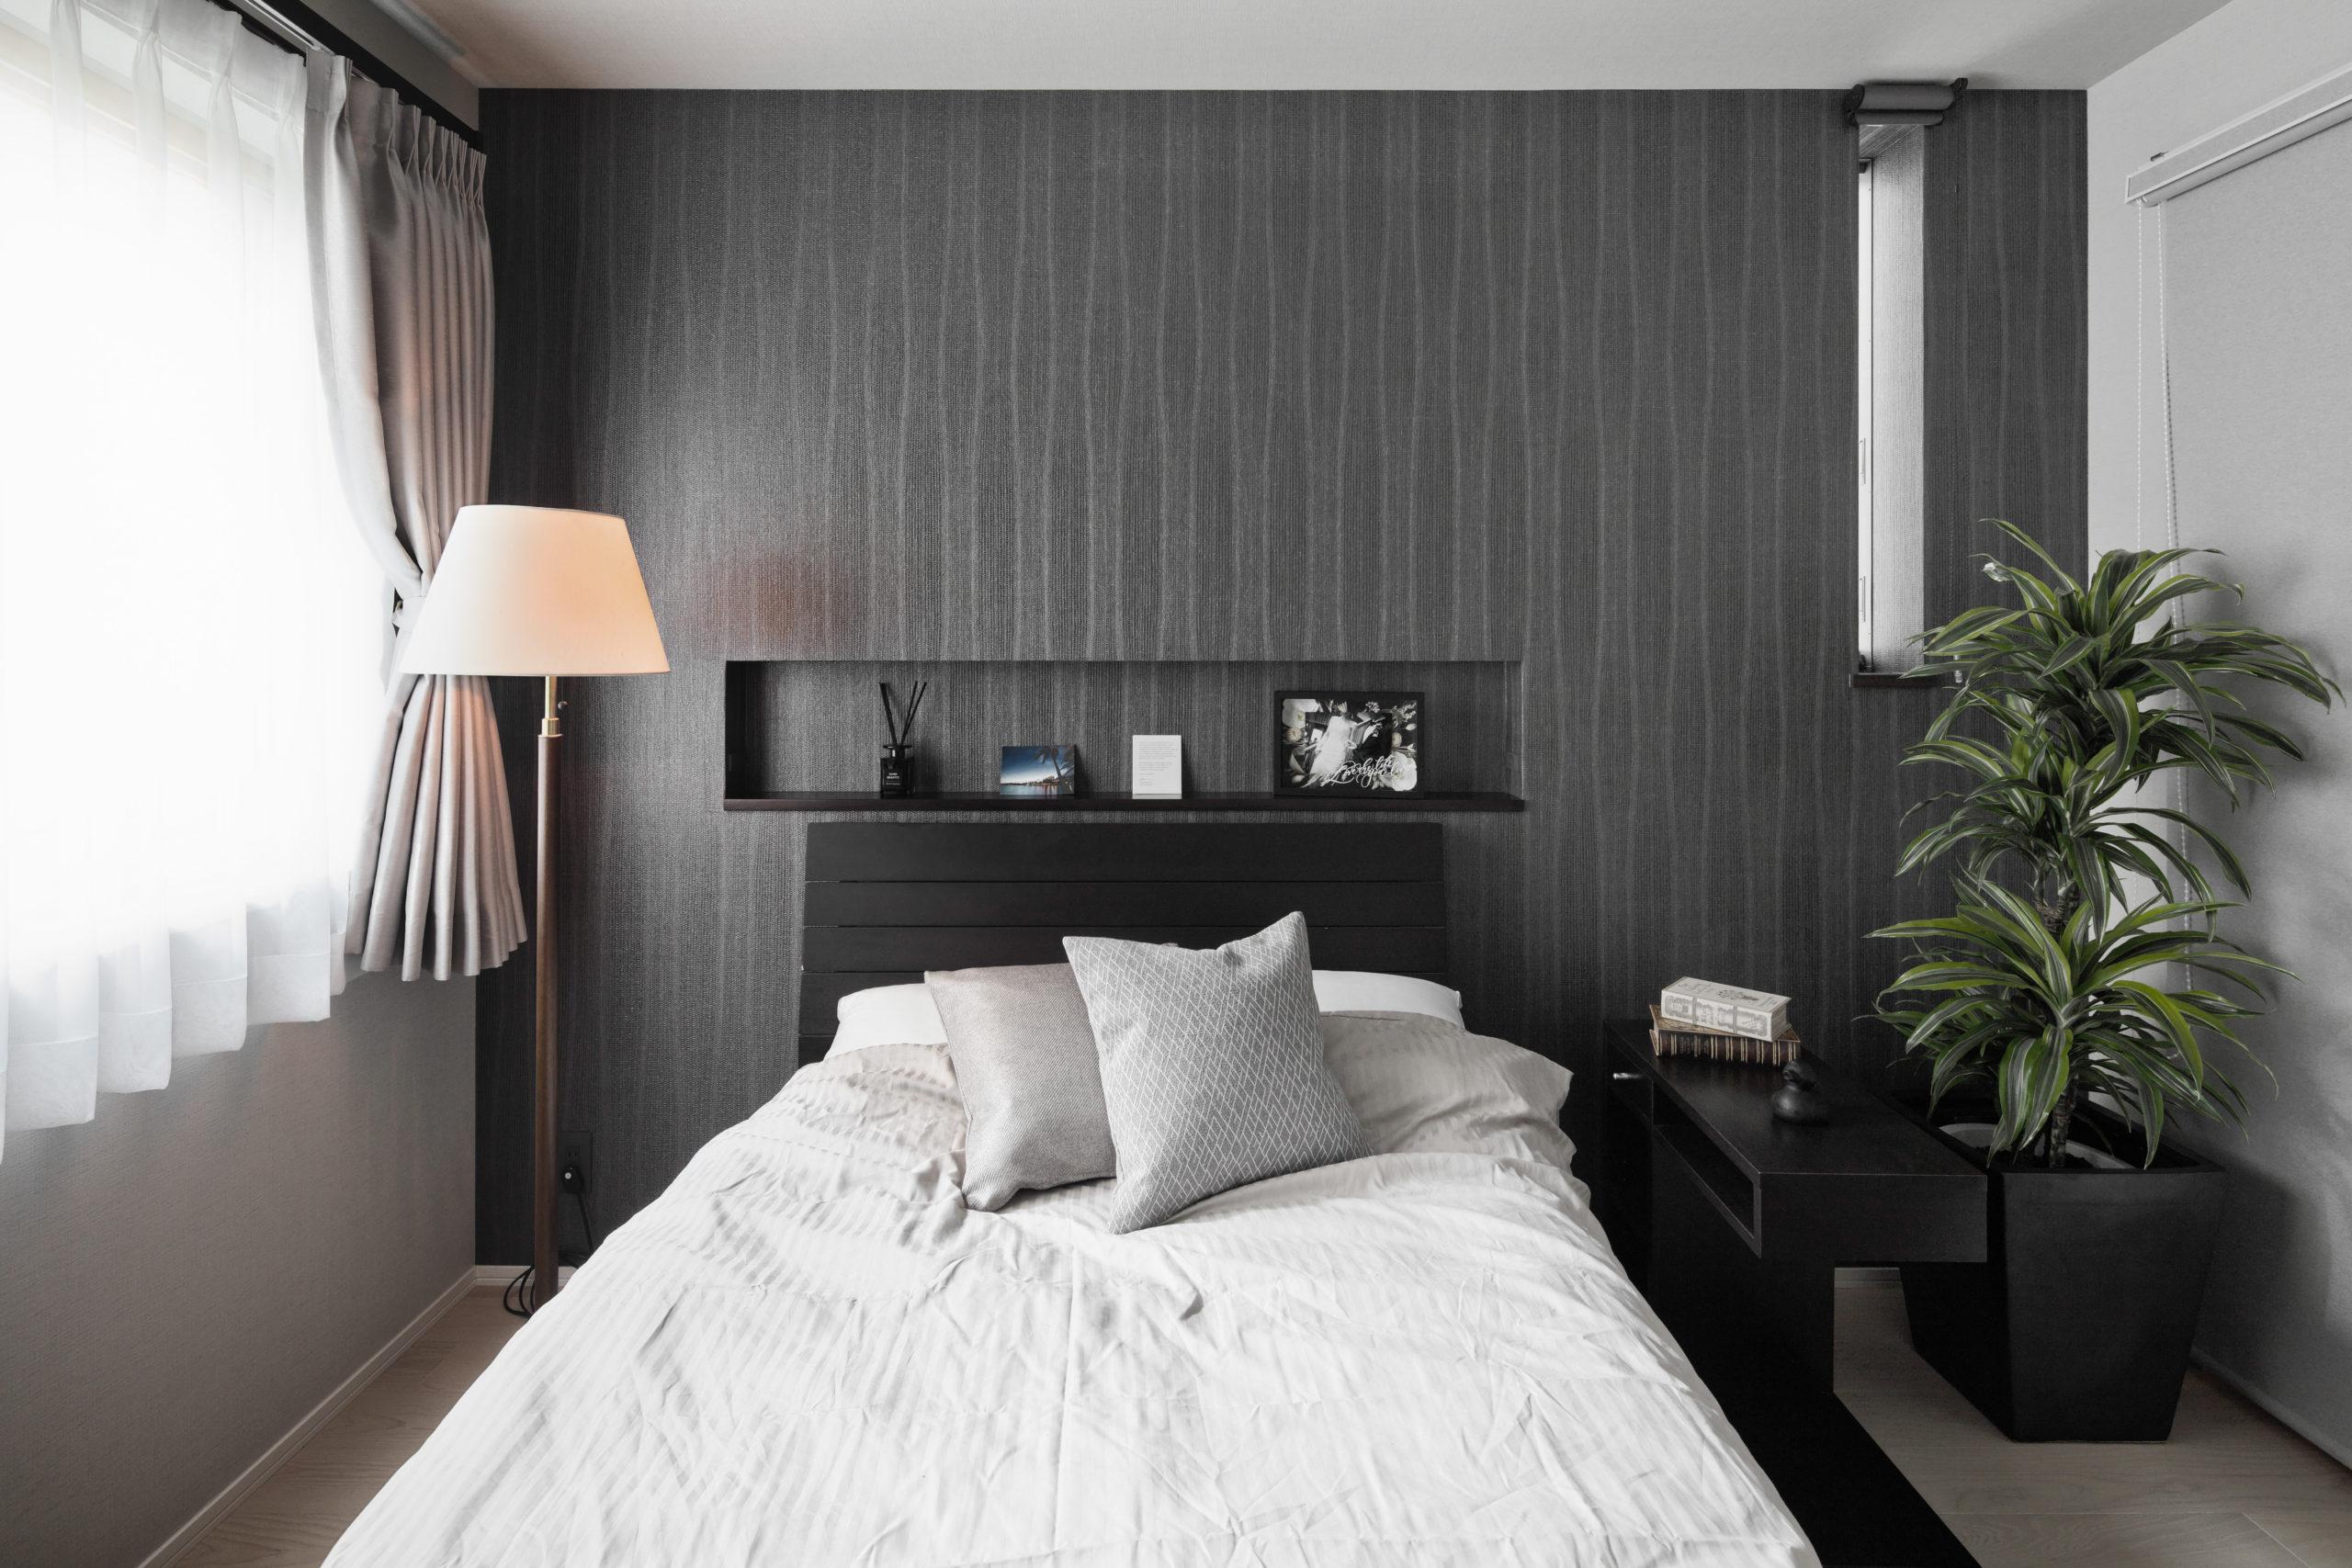 ホテルテイクな寝室